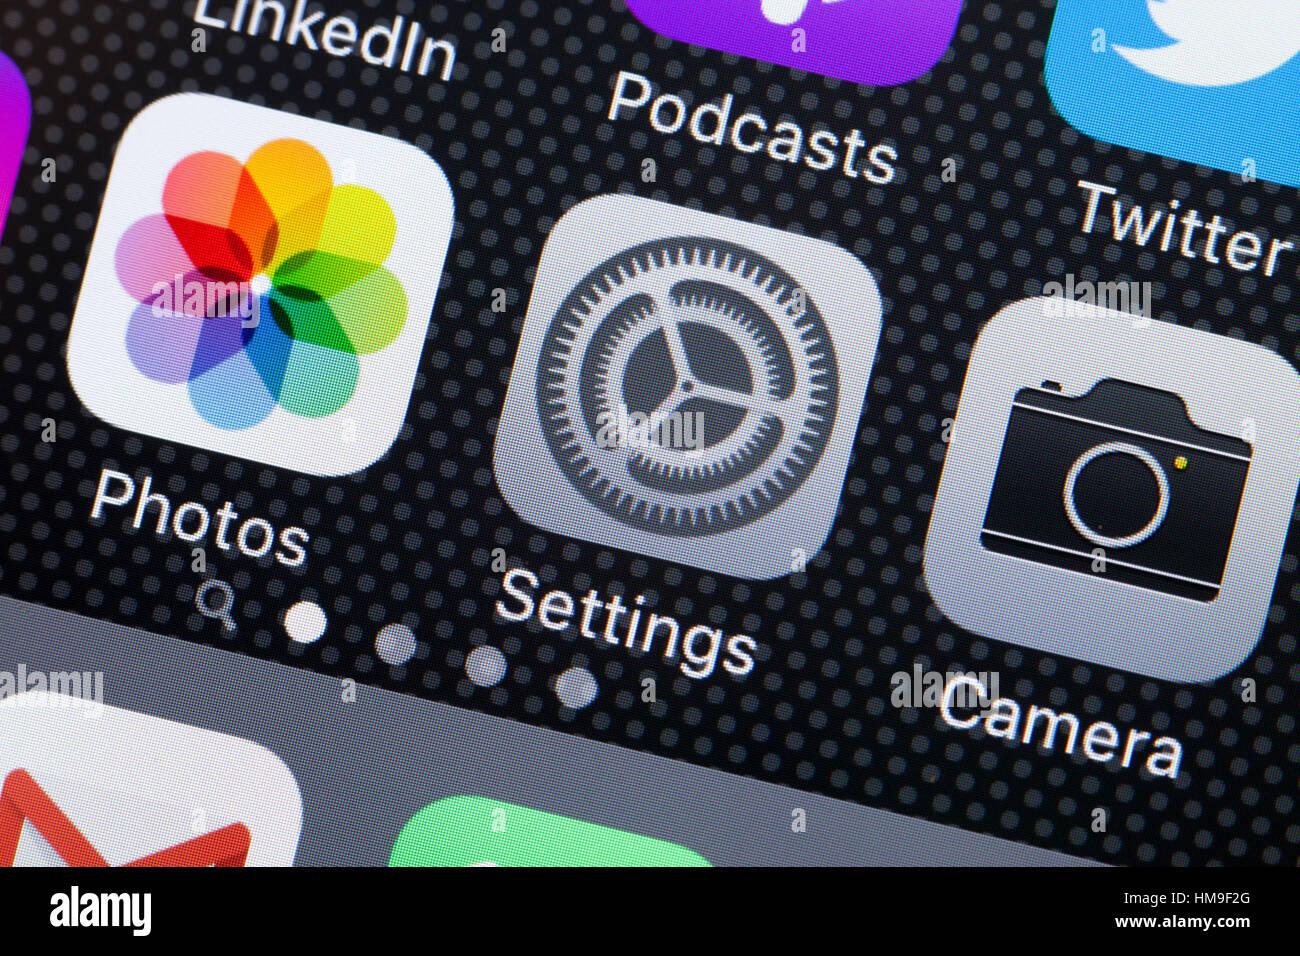 Einstellungen-app-Icon auf dem iPhone Bildschirm - USA Stockbild